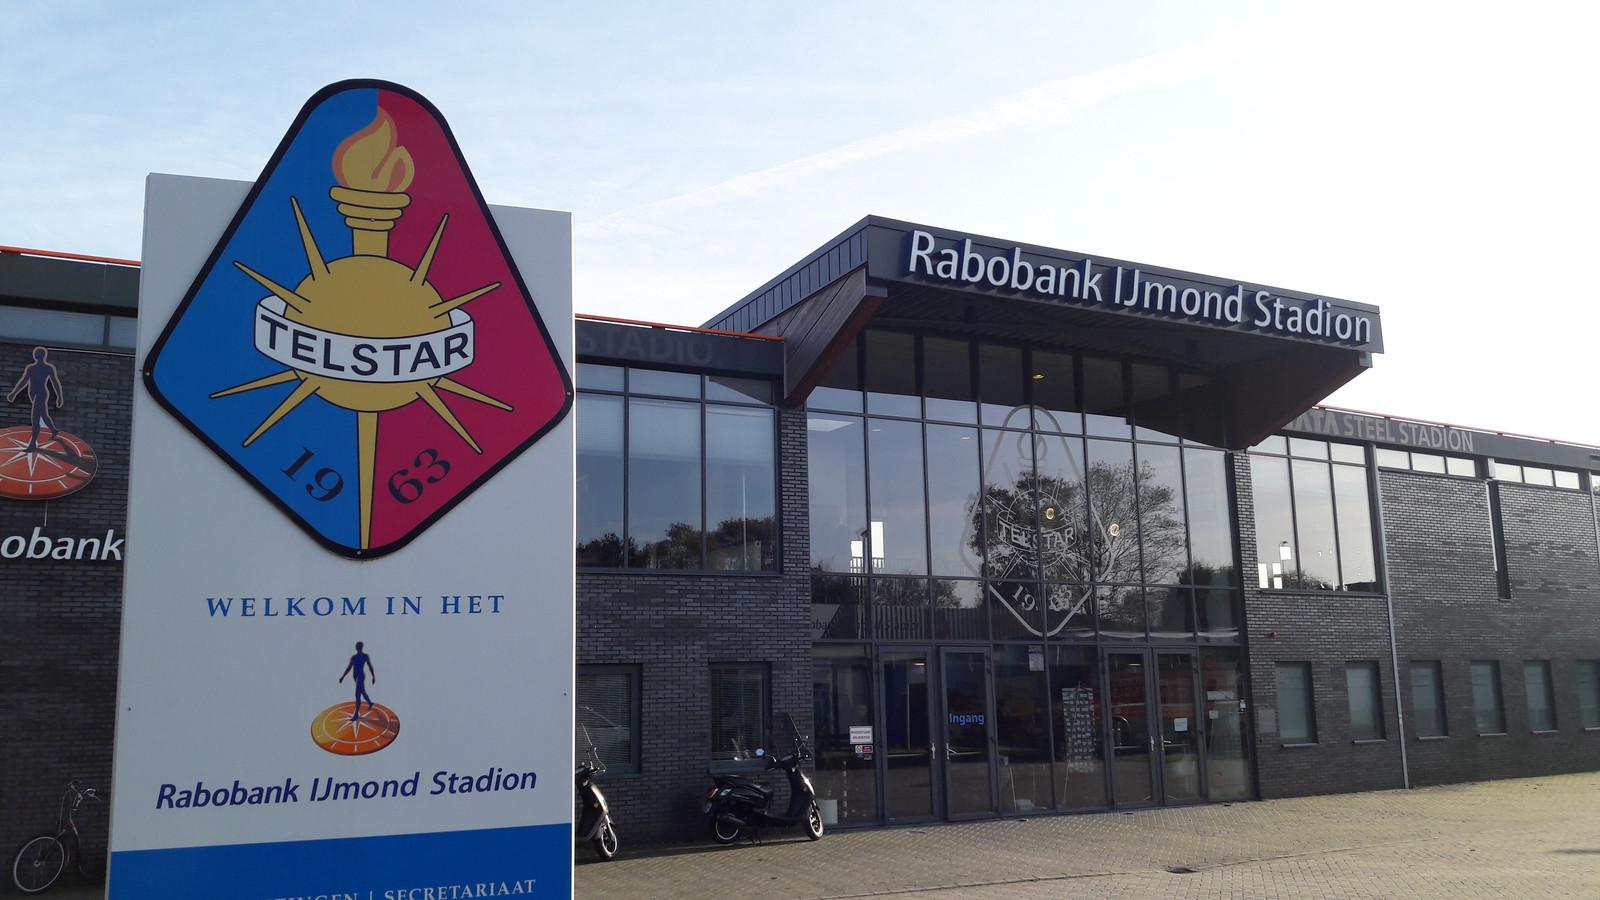 Het Rabobank IJmond Stadion